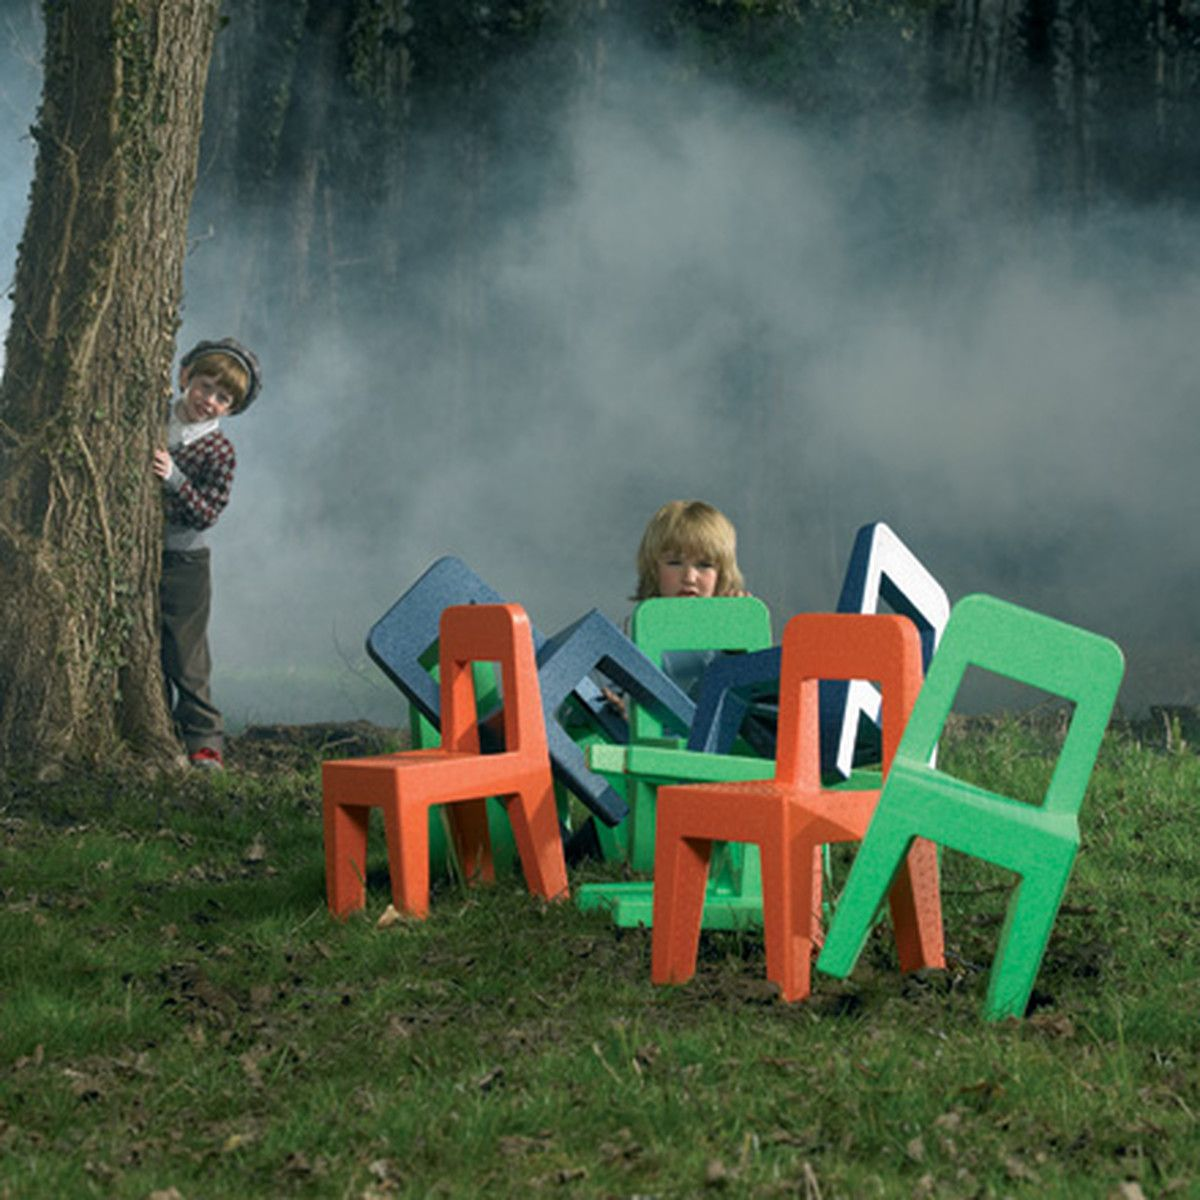 Tables de jardin pour enfants sur l'herbe